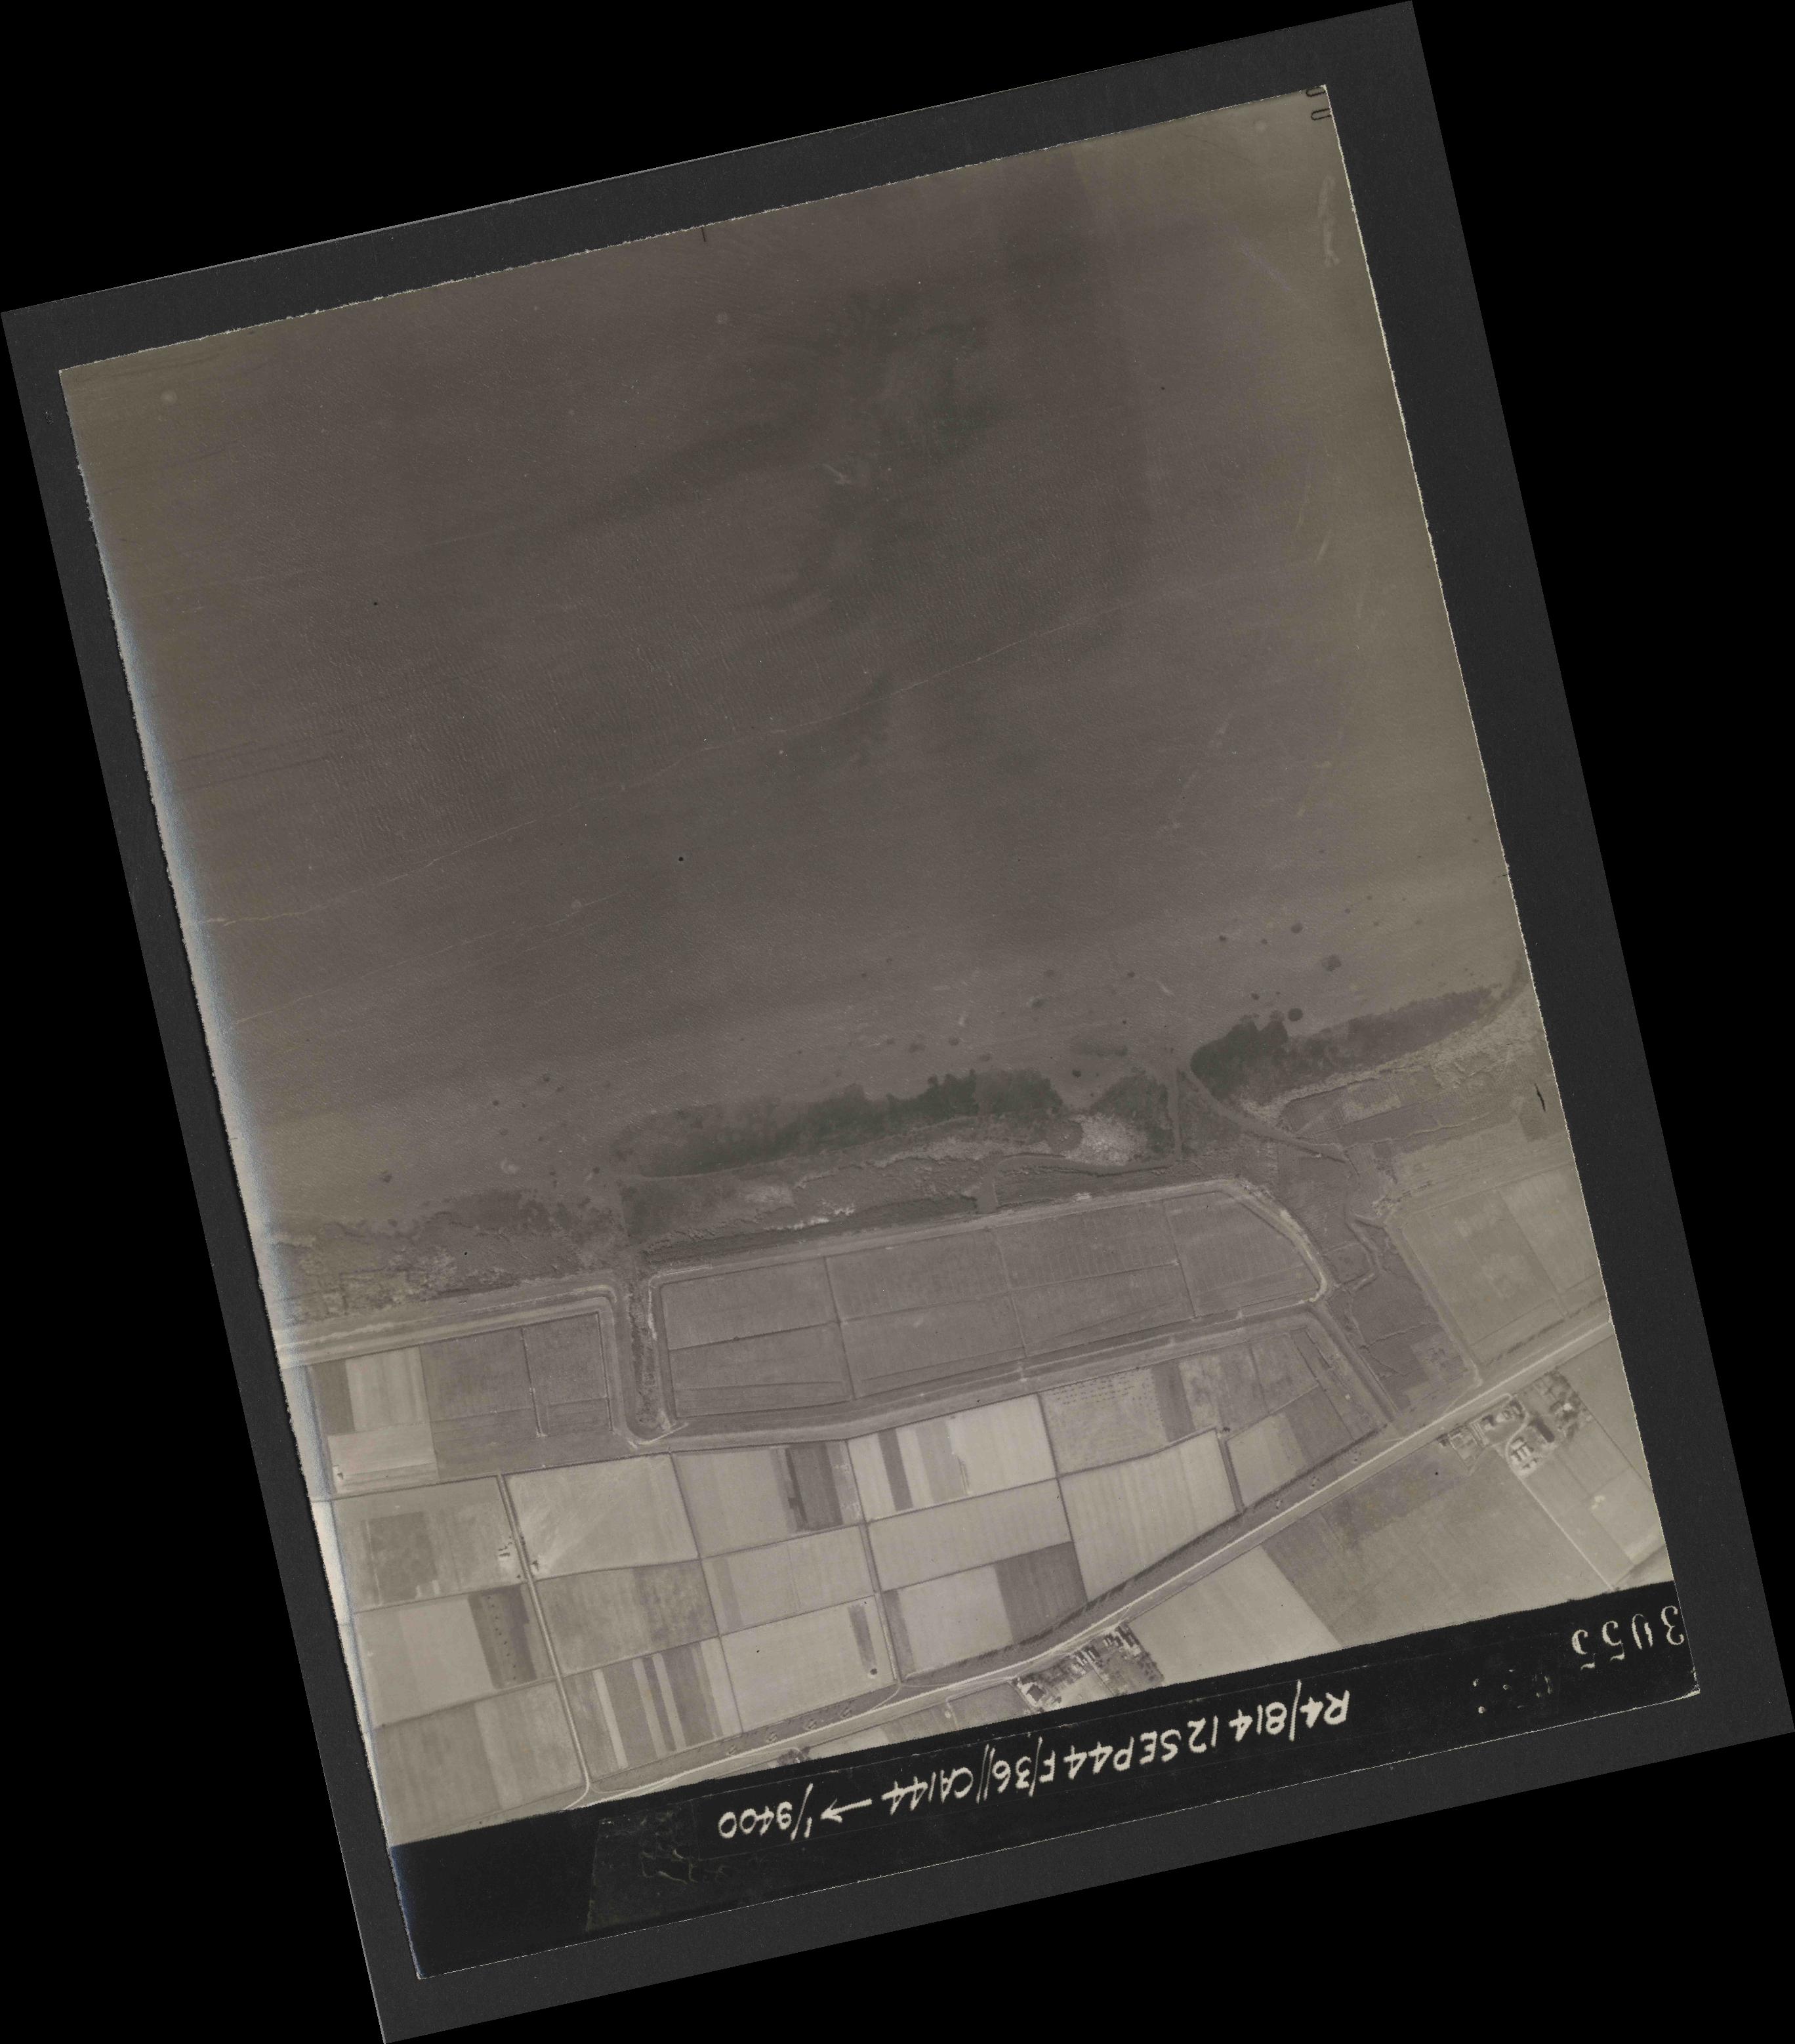 Collection RAF aerial photos 1940-1945 - flight 333, run 01, photo 3055